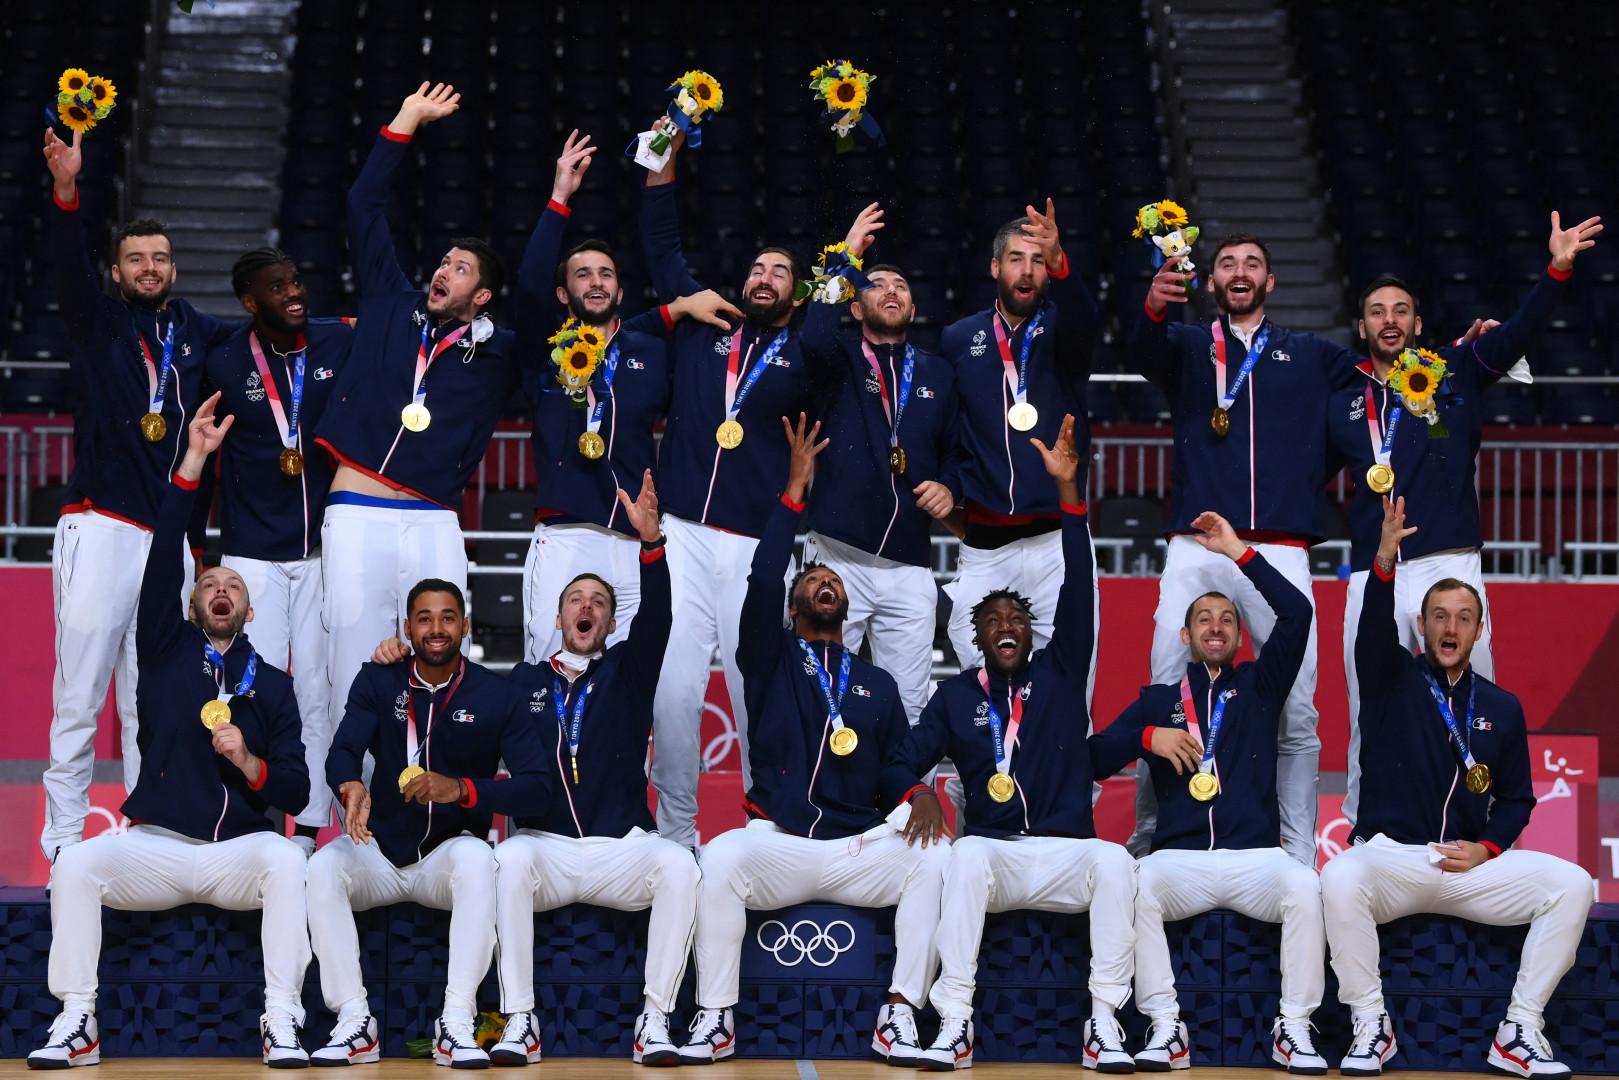 Les handballeurs français reprennent leur titre à Tokyo le 7 août 2021.